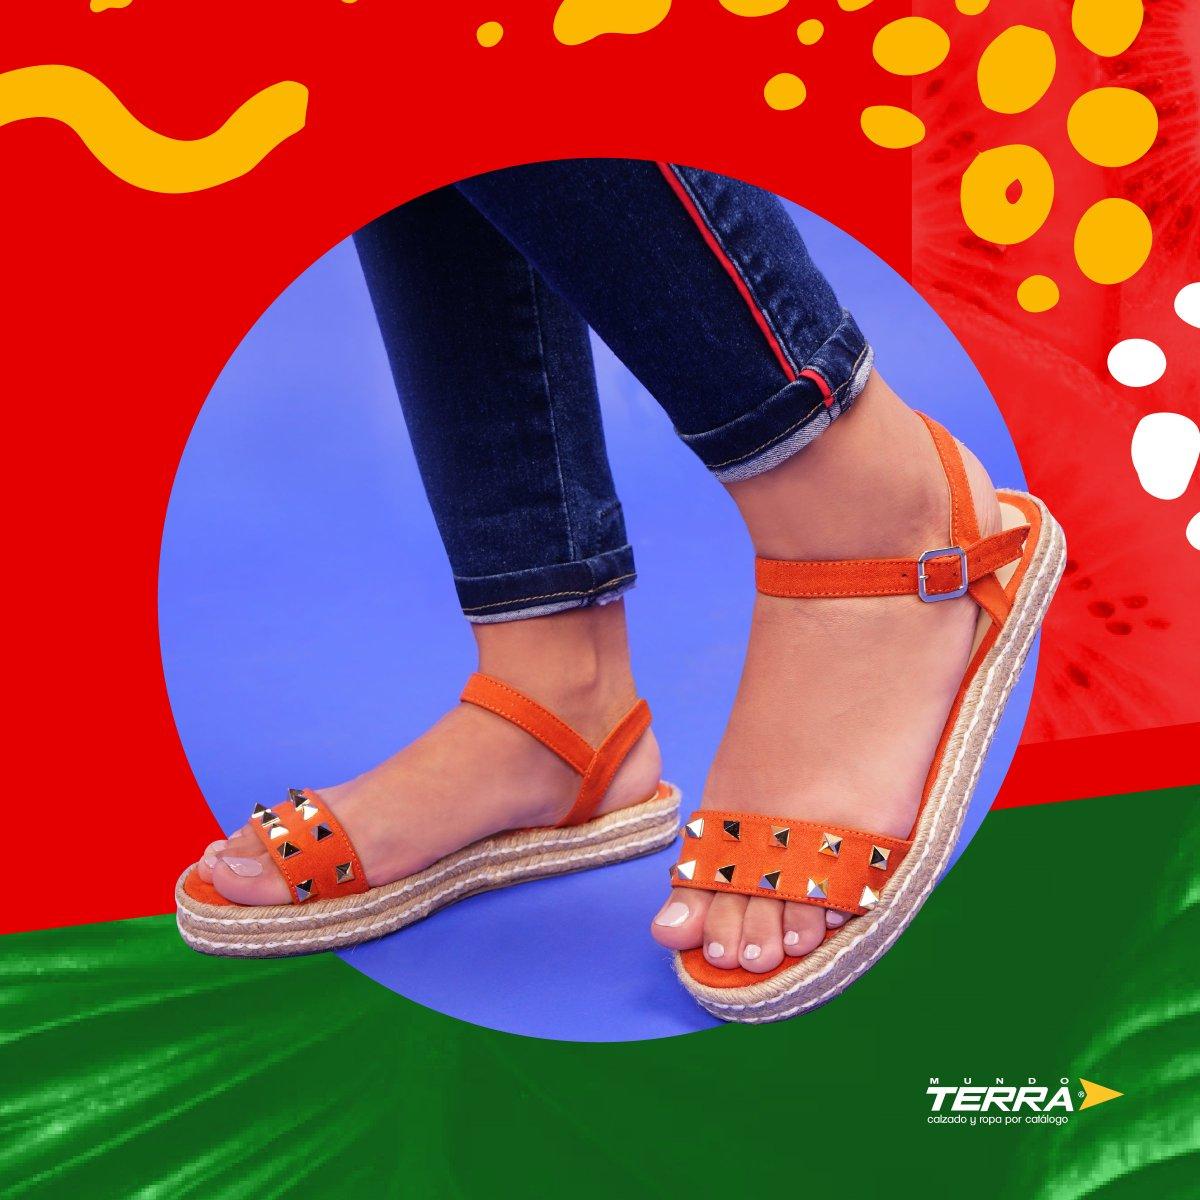 Perfectas para tu día a día.   #mundoterra #shoes #loveshoes #look #outfit #primavera #loveit #ropa #zapatos #fashion #moda https://t.co/bdj8I7ICRA